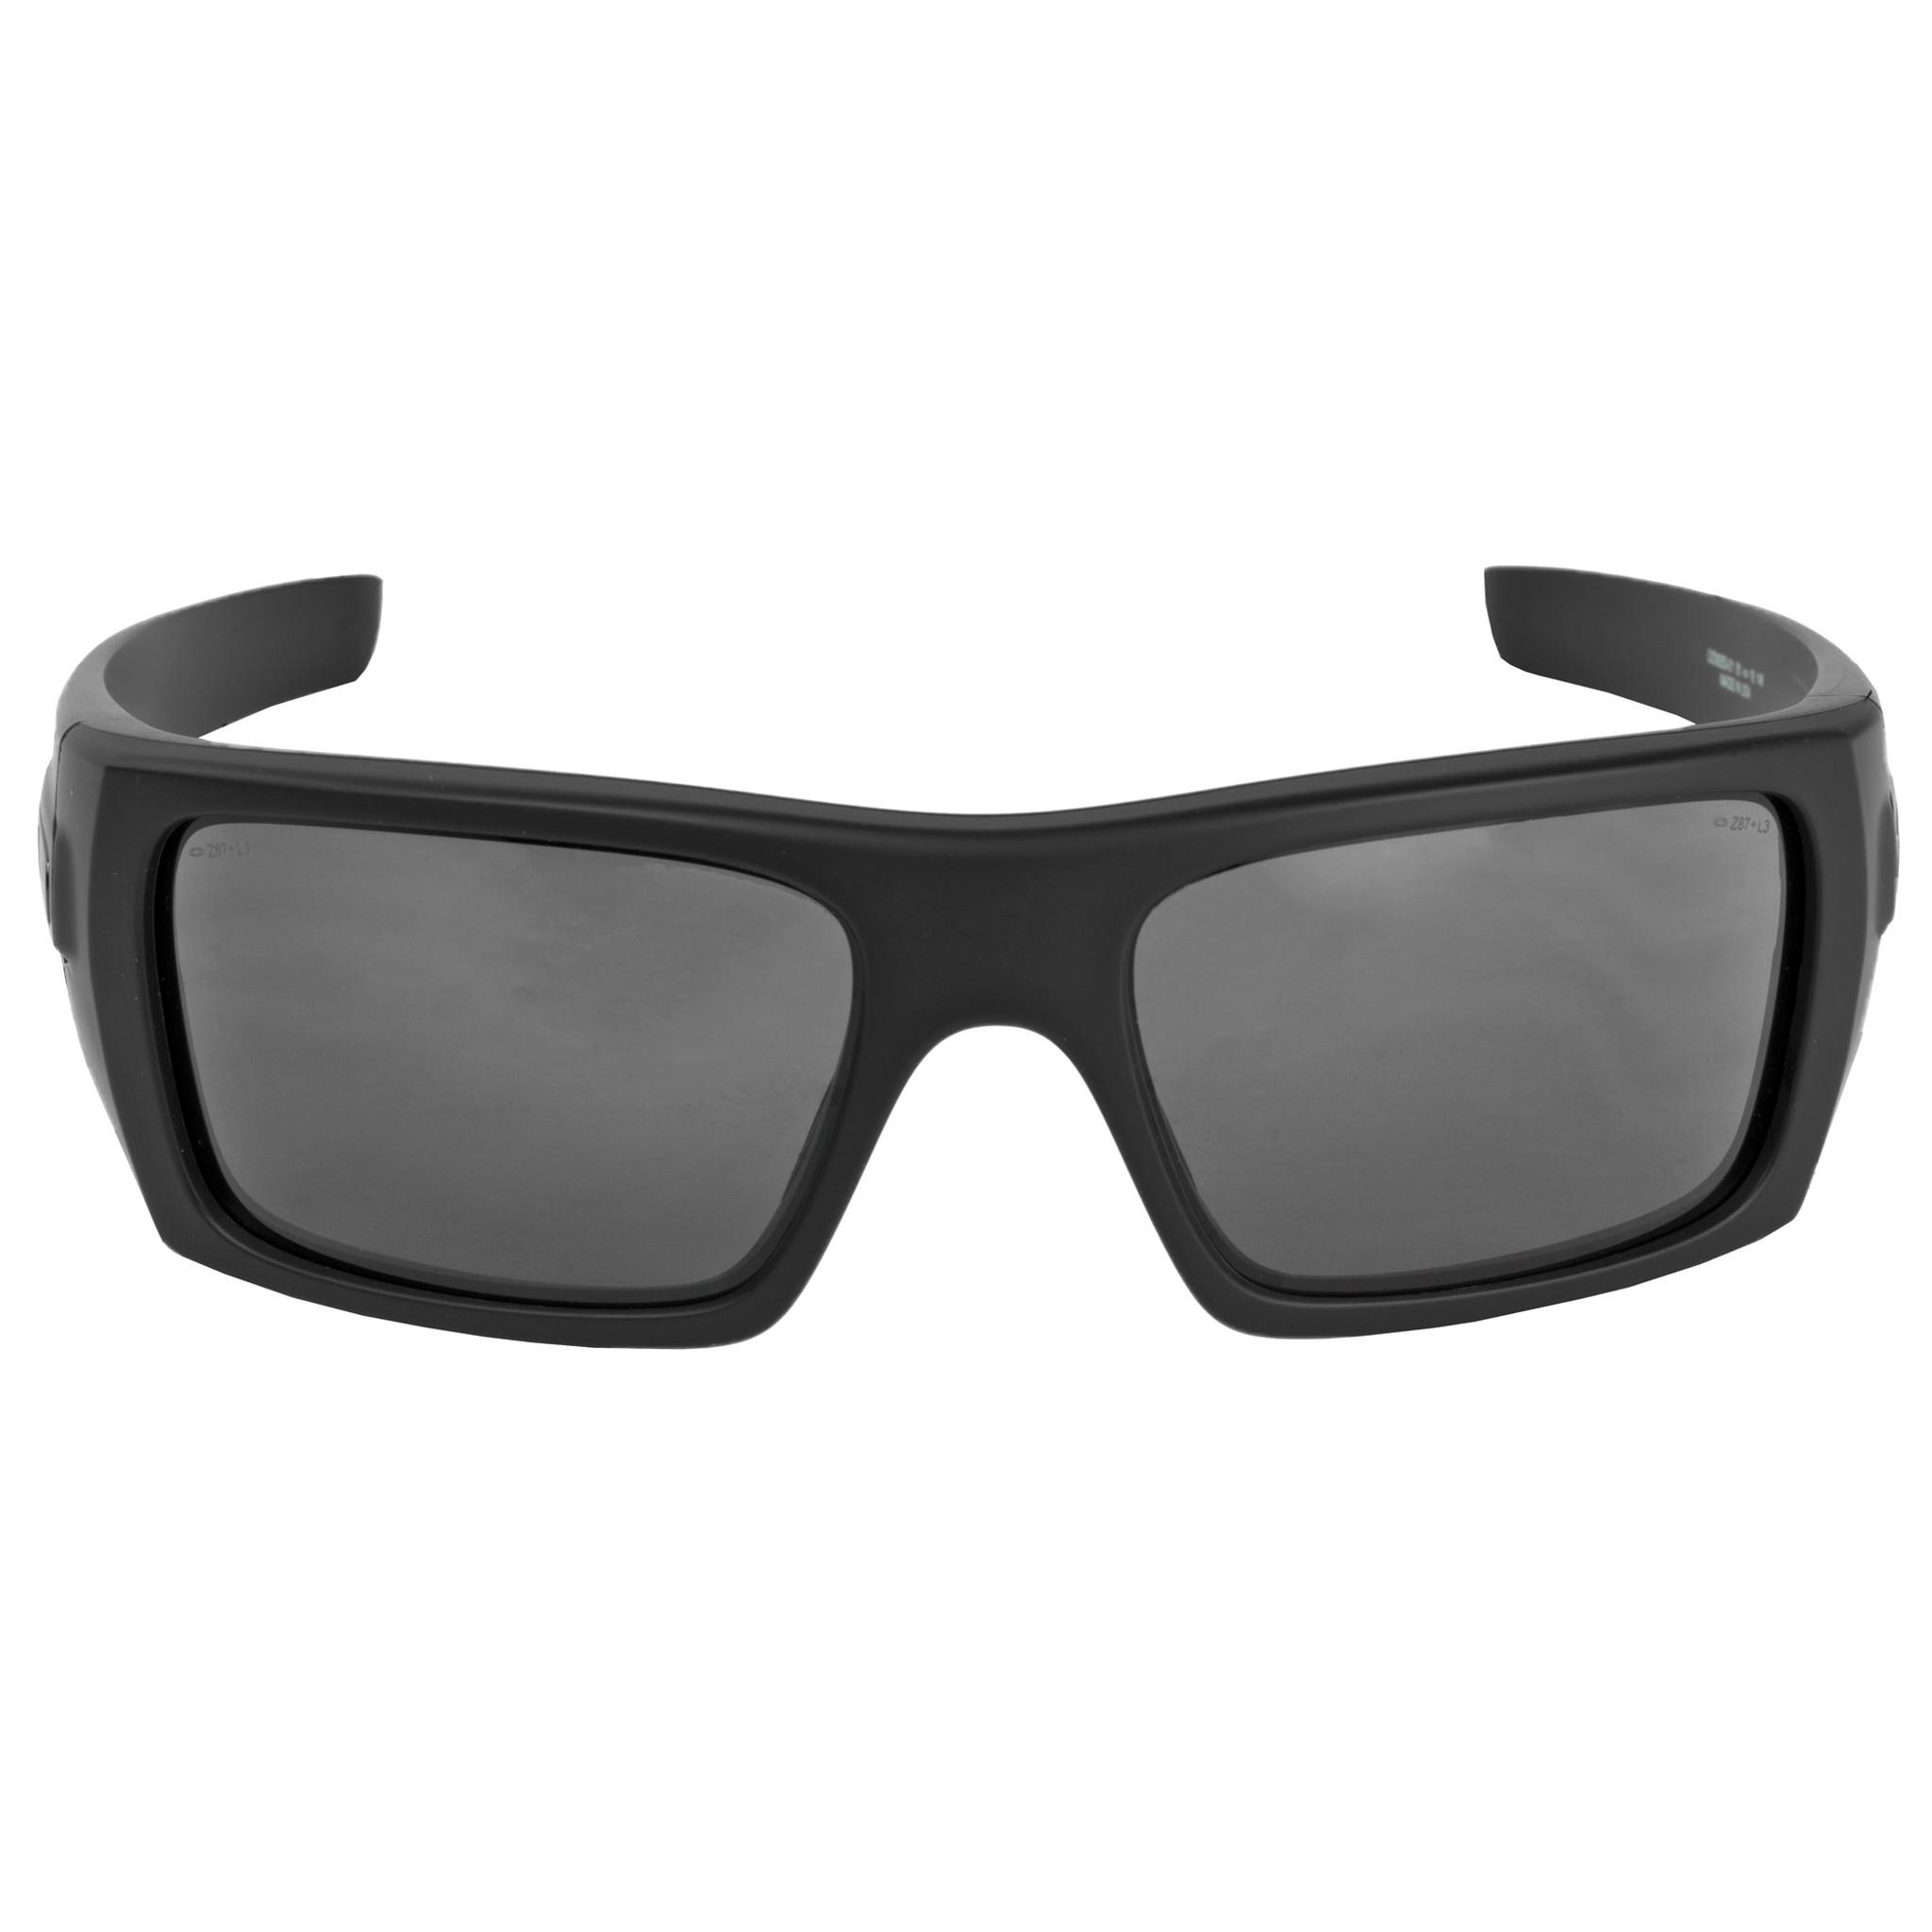 Oakley Det Cord >> Oakley Standard Issue Ballistic Det Cord Black Gray Lens Oo9253